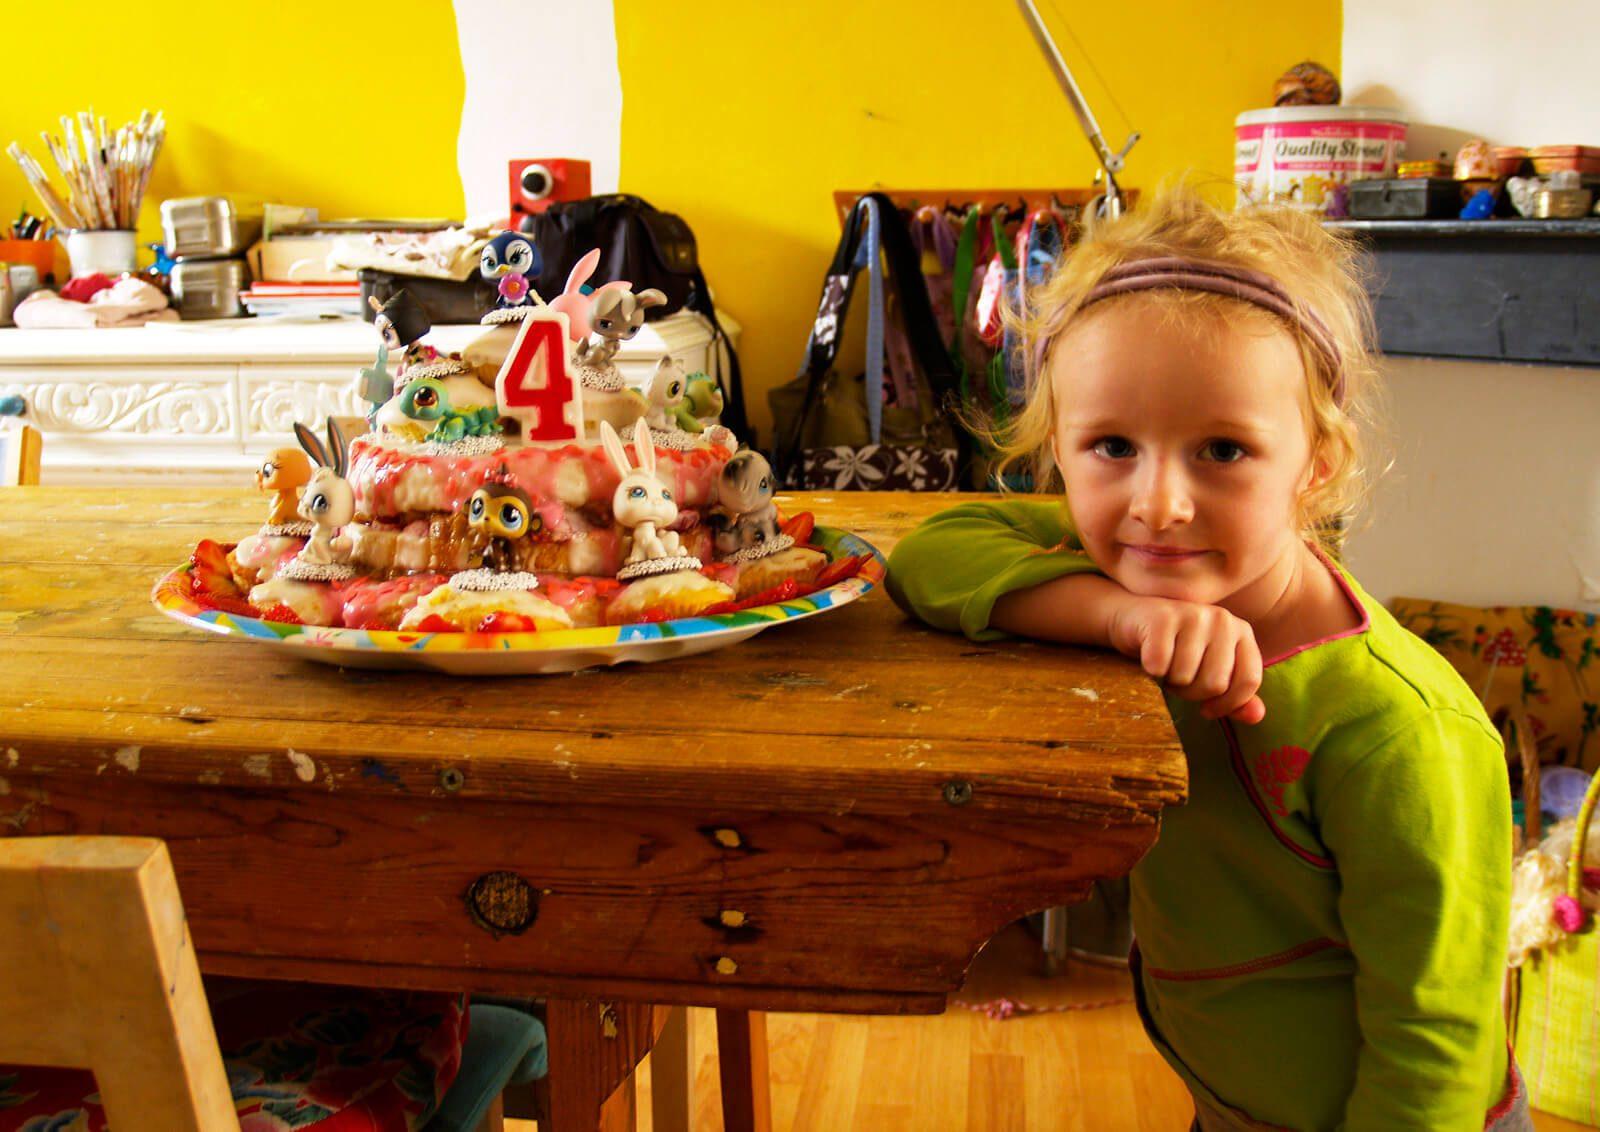 feest taart,  little petshop taart, verjaardagstaart